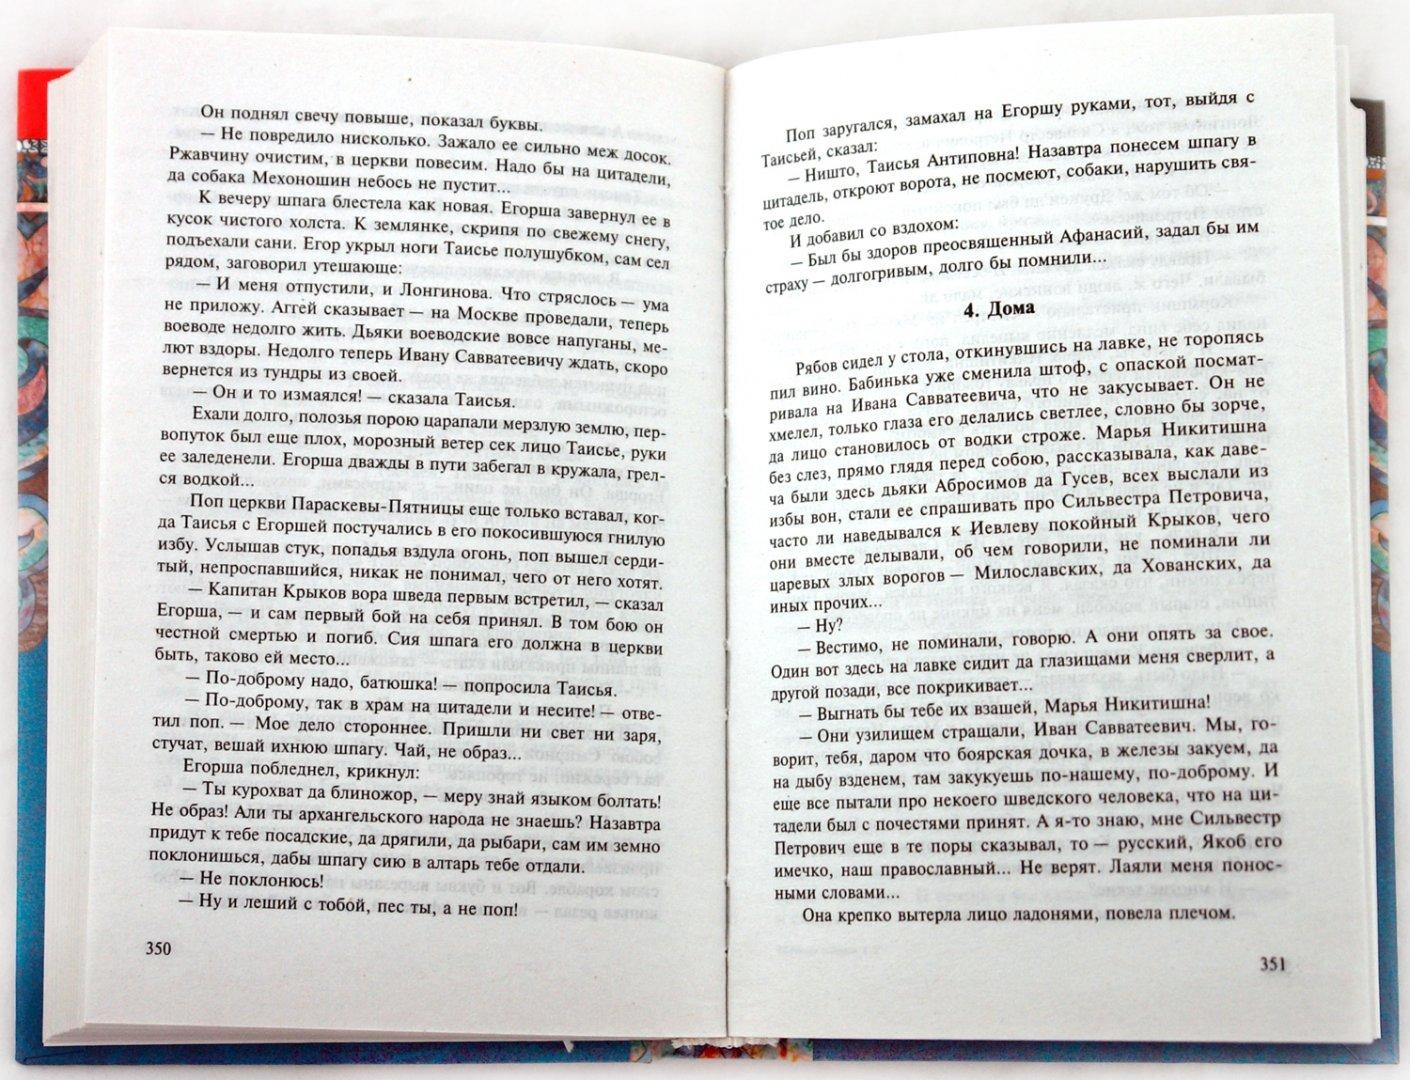 Иллюстрация 1 из 3 для Россия молодая. В 2-х томах. Том 2 - Юрий Герман   Лабиринт - книги. Источник: Лабиринт